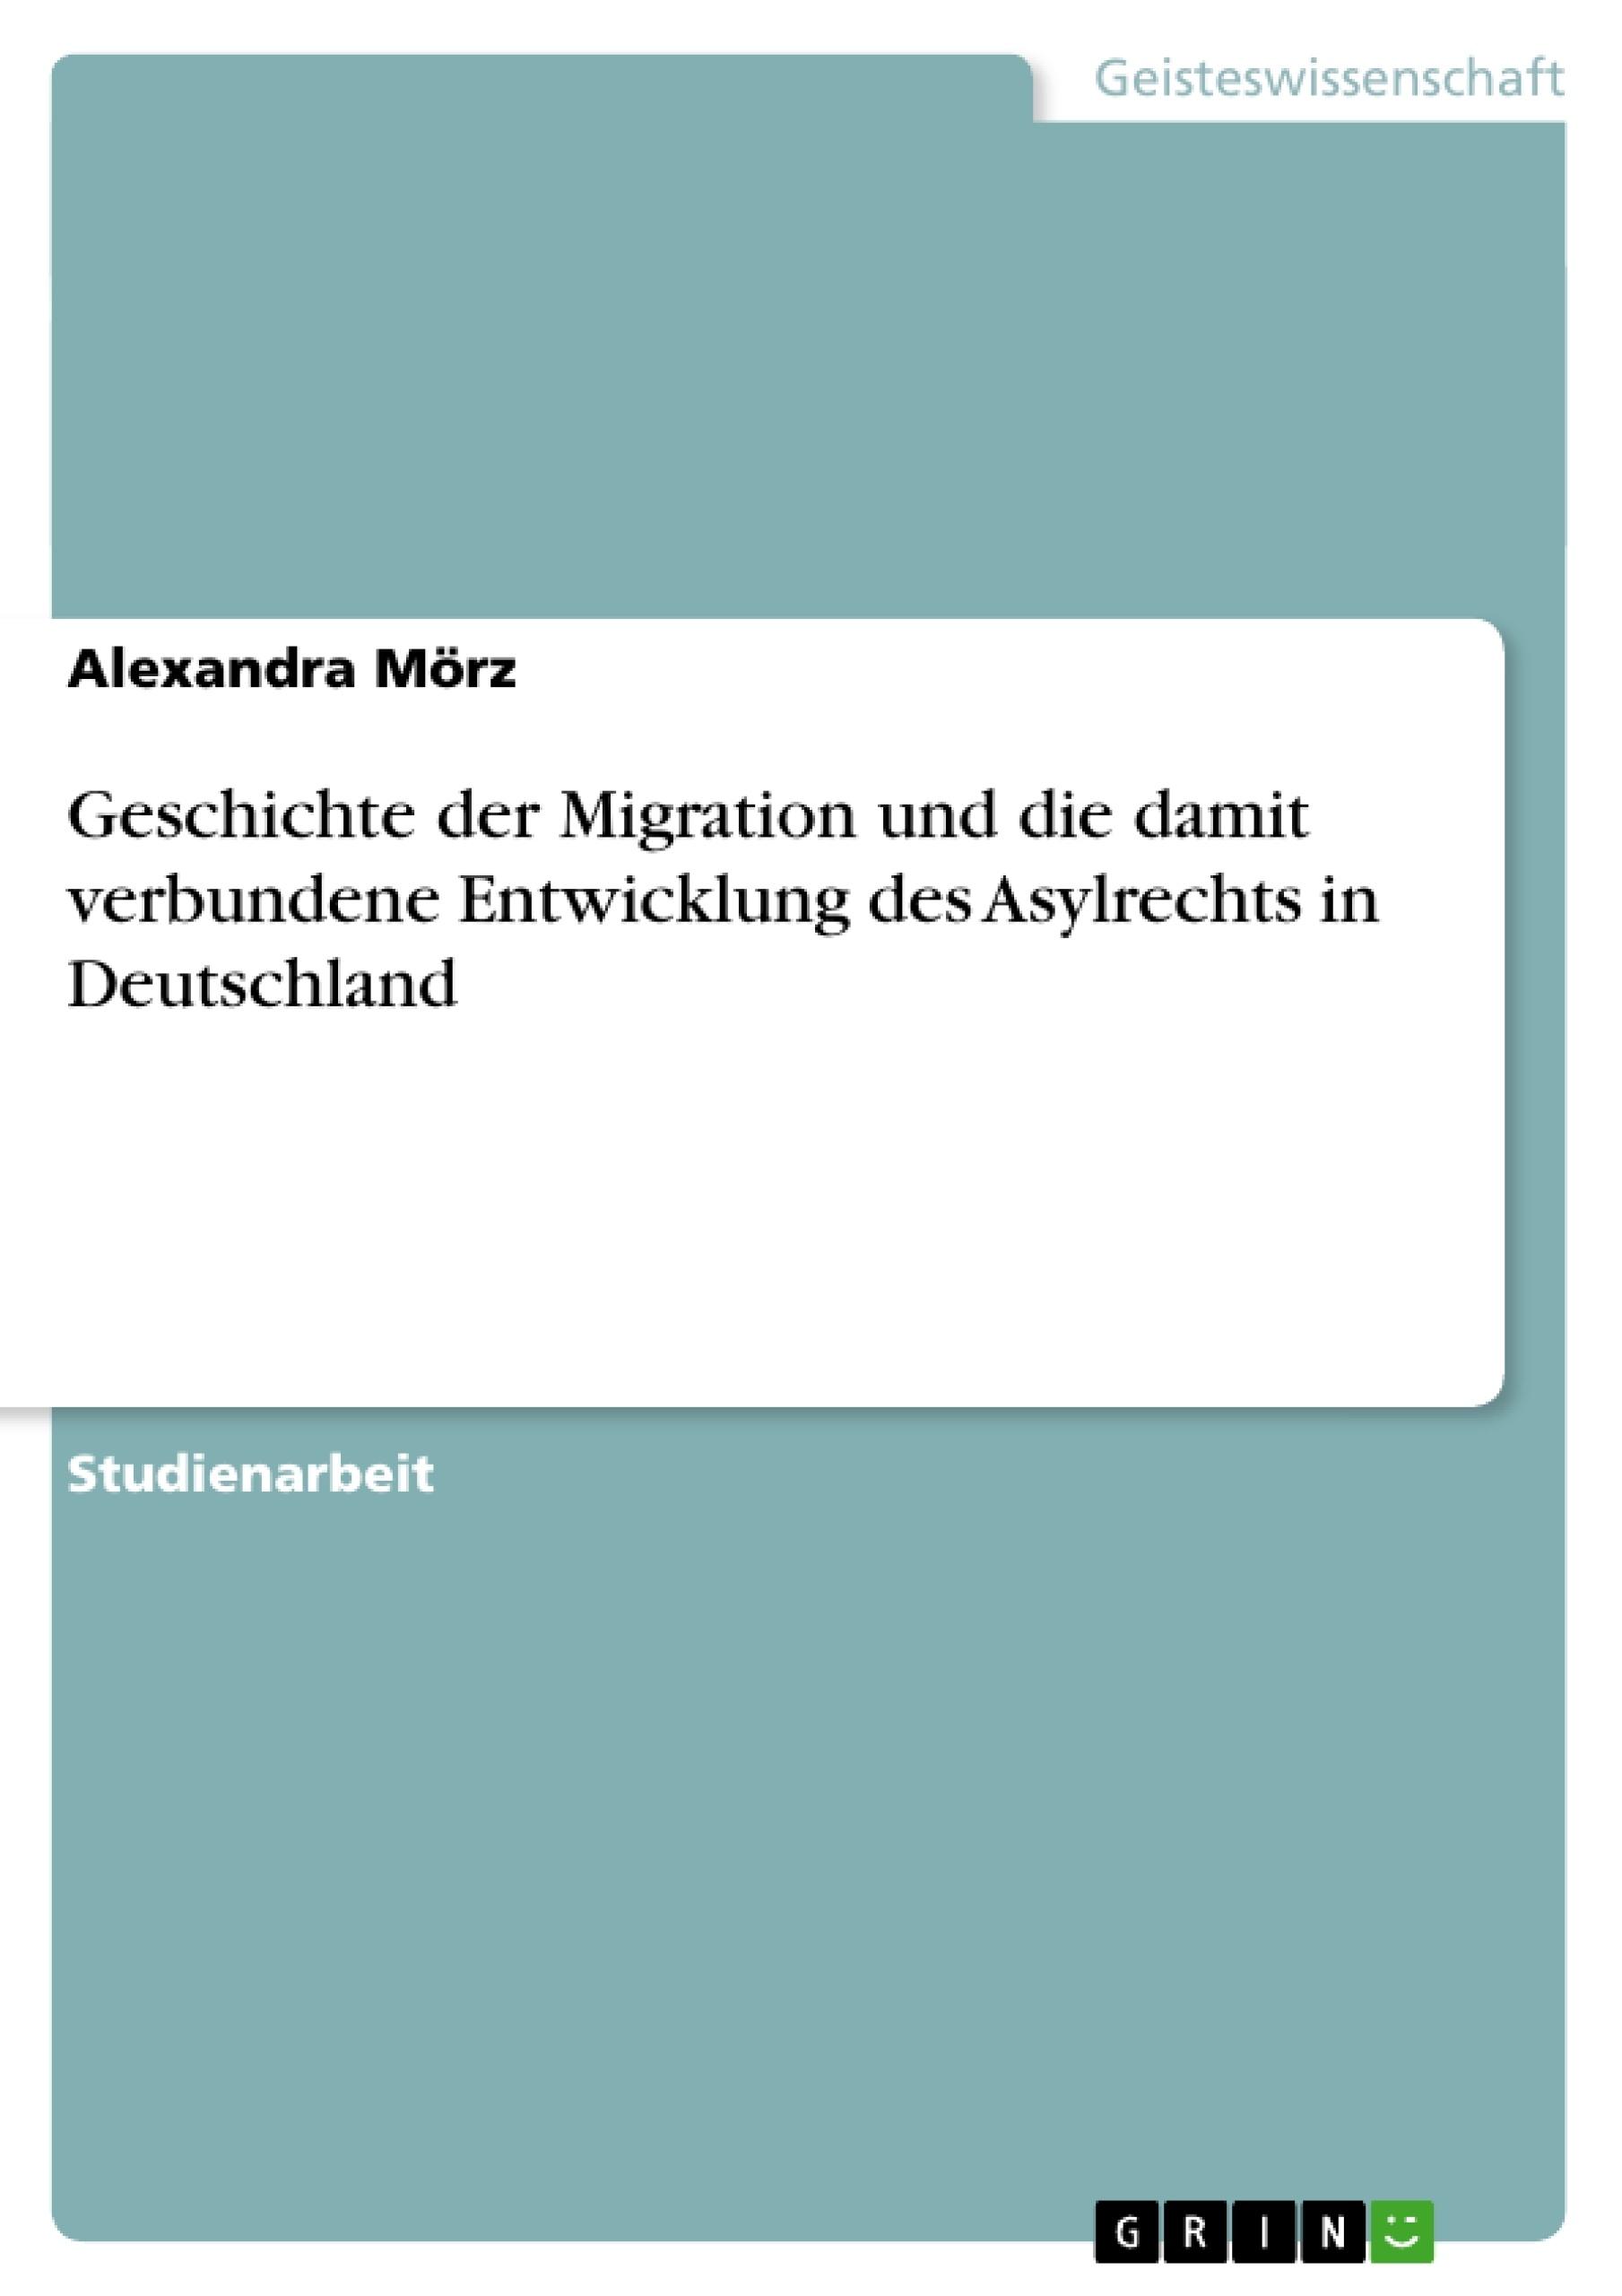 Titel: Geschichte der Migration und die damit verbundene Entwicklung des Asylrechts in Deutschland